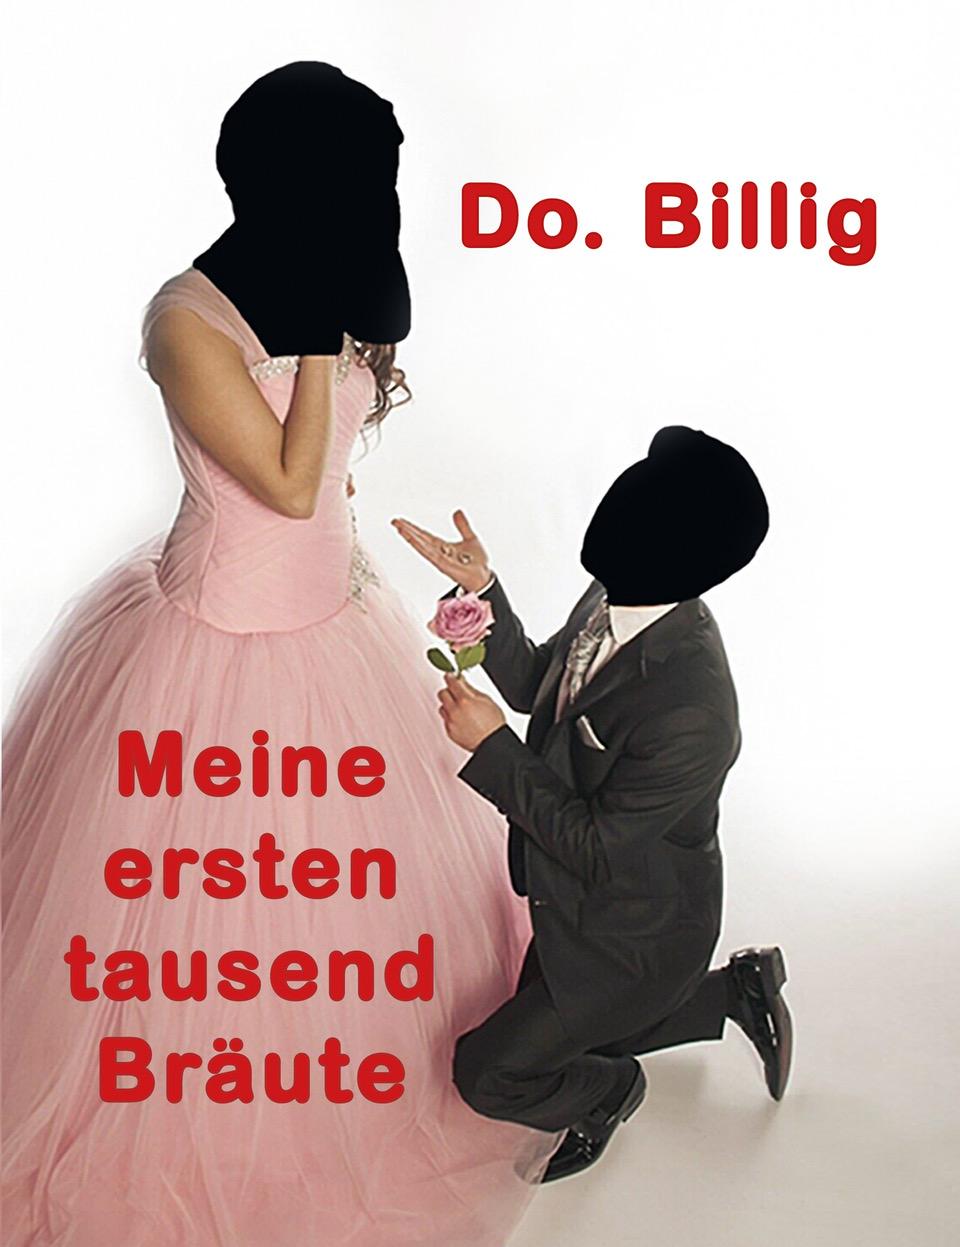 Eventbild für Dietmar Schmale /// Buchpräsentation und Preview: Die tausend Bräute des Do. Billig